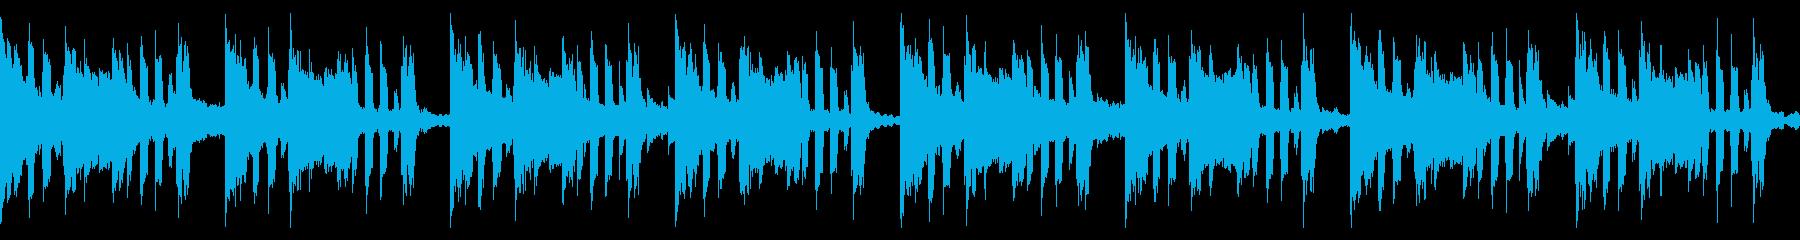 推理サスペンス【ループ1】ミステリー劇伴の再生済みの波形